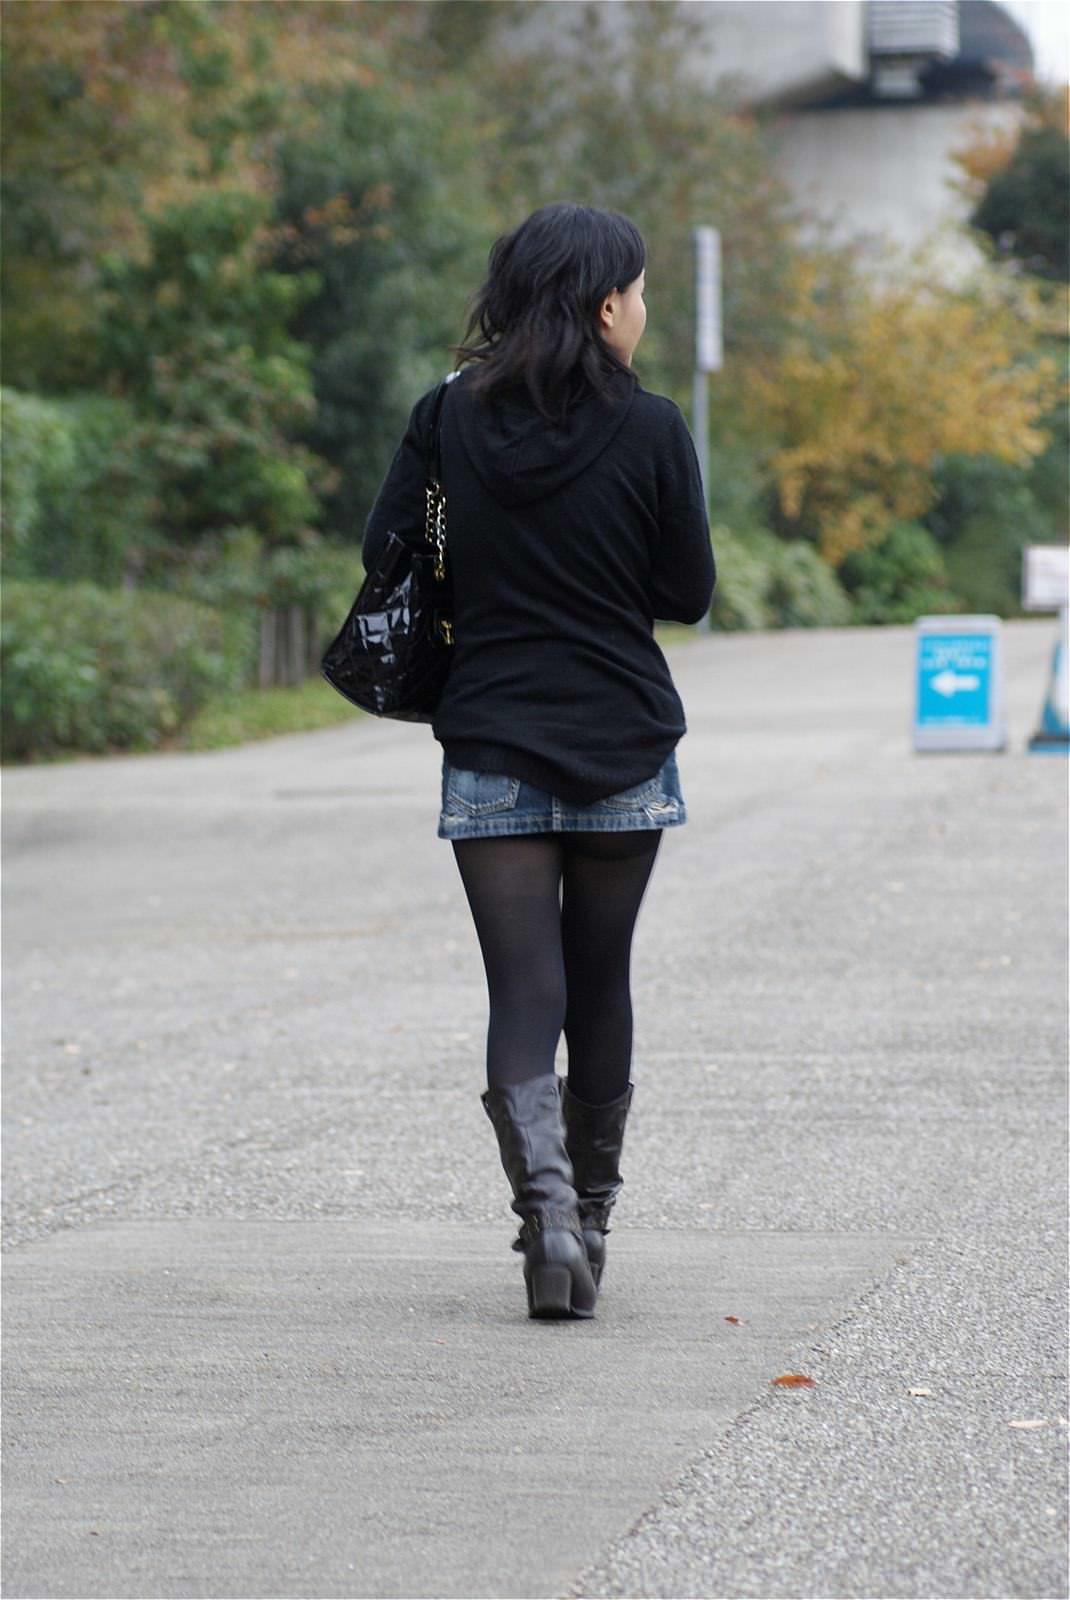 黒いパンスト履いてるエロギャル画像!!!!マジでエッチだぁーwww mxF5jLT